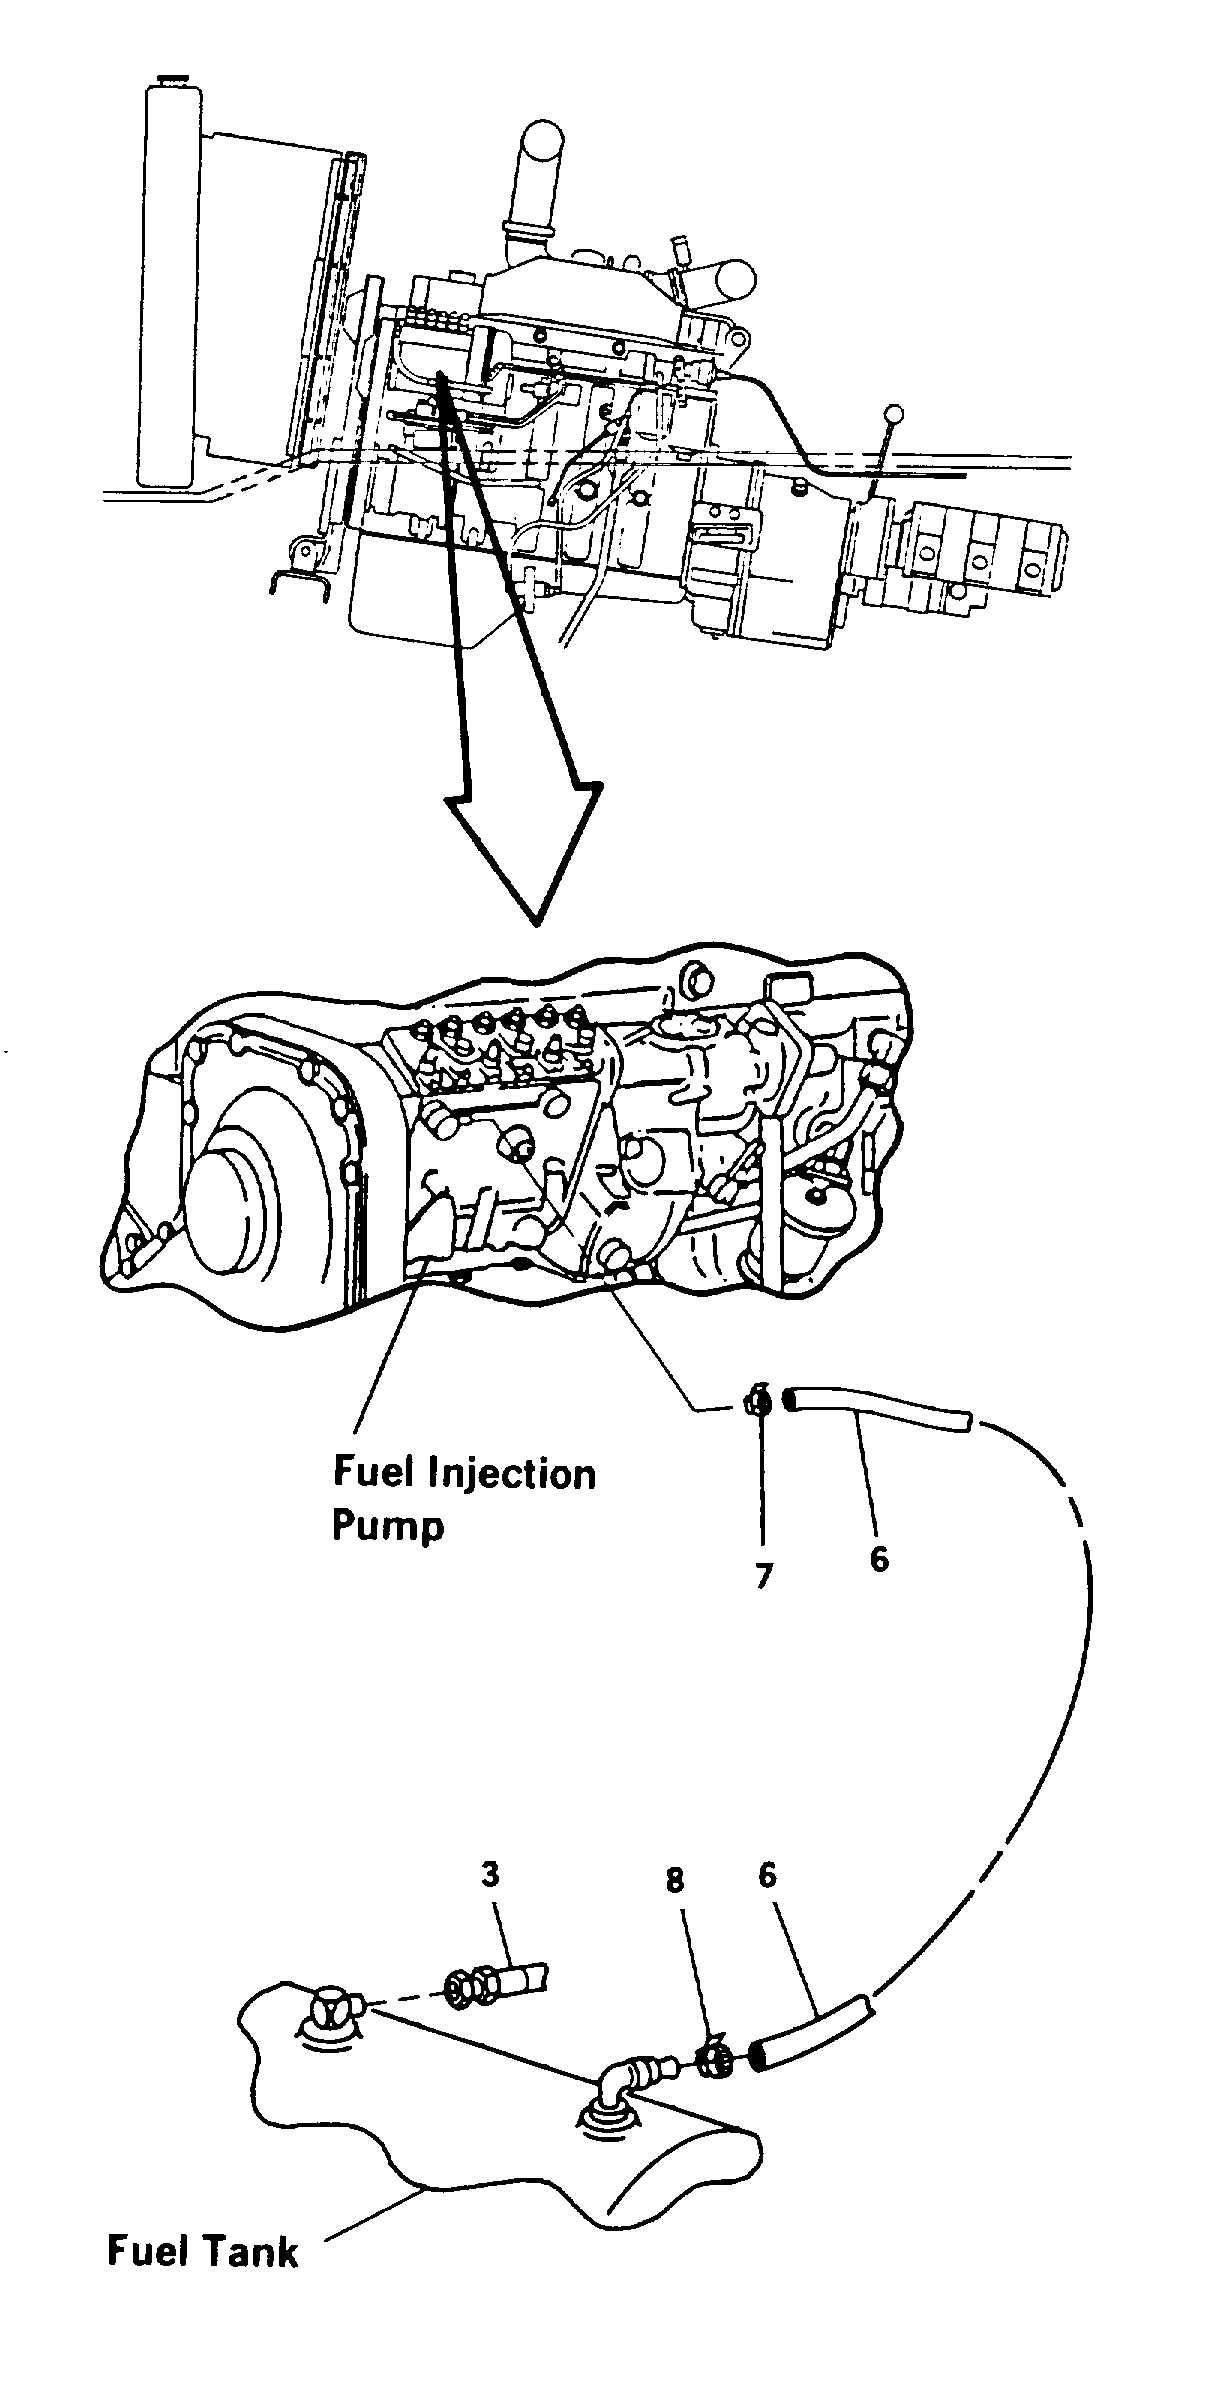 7 3 Fuel Leak